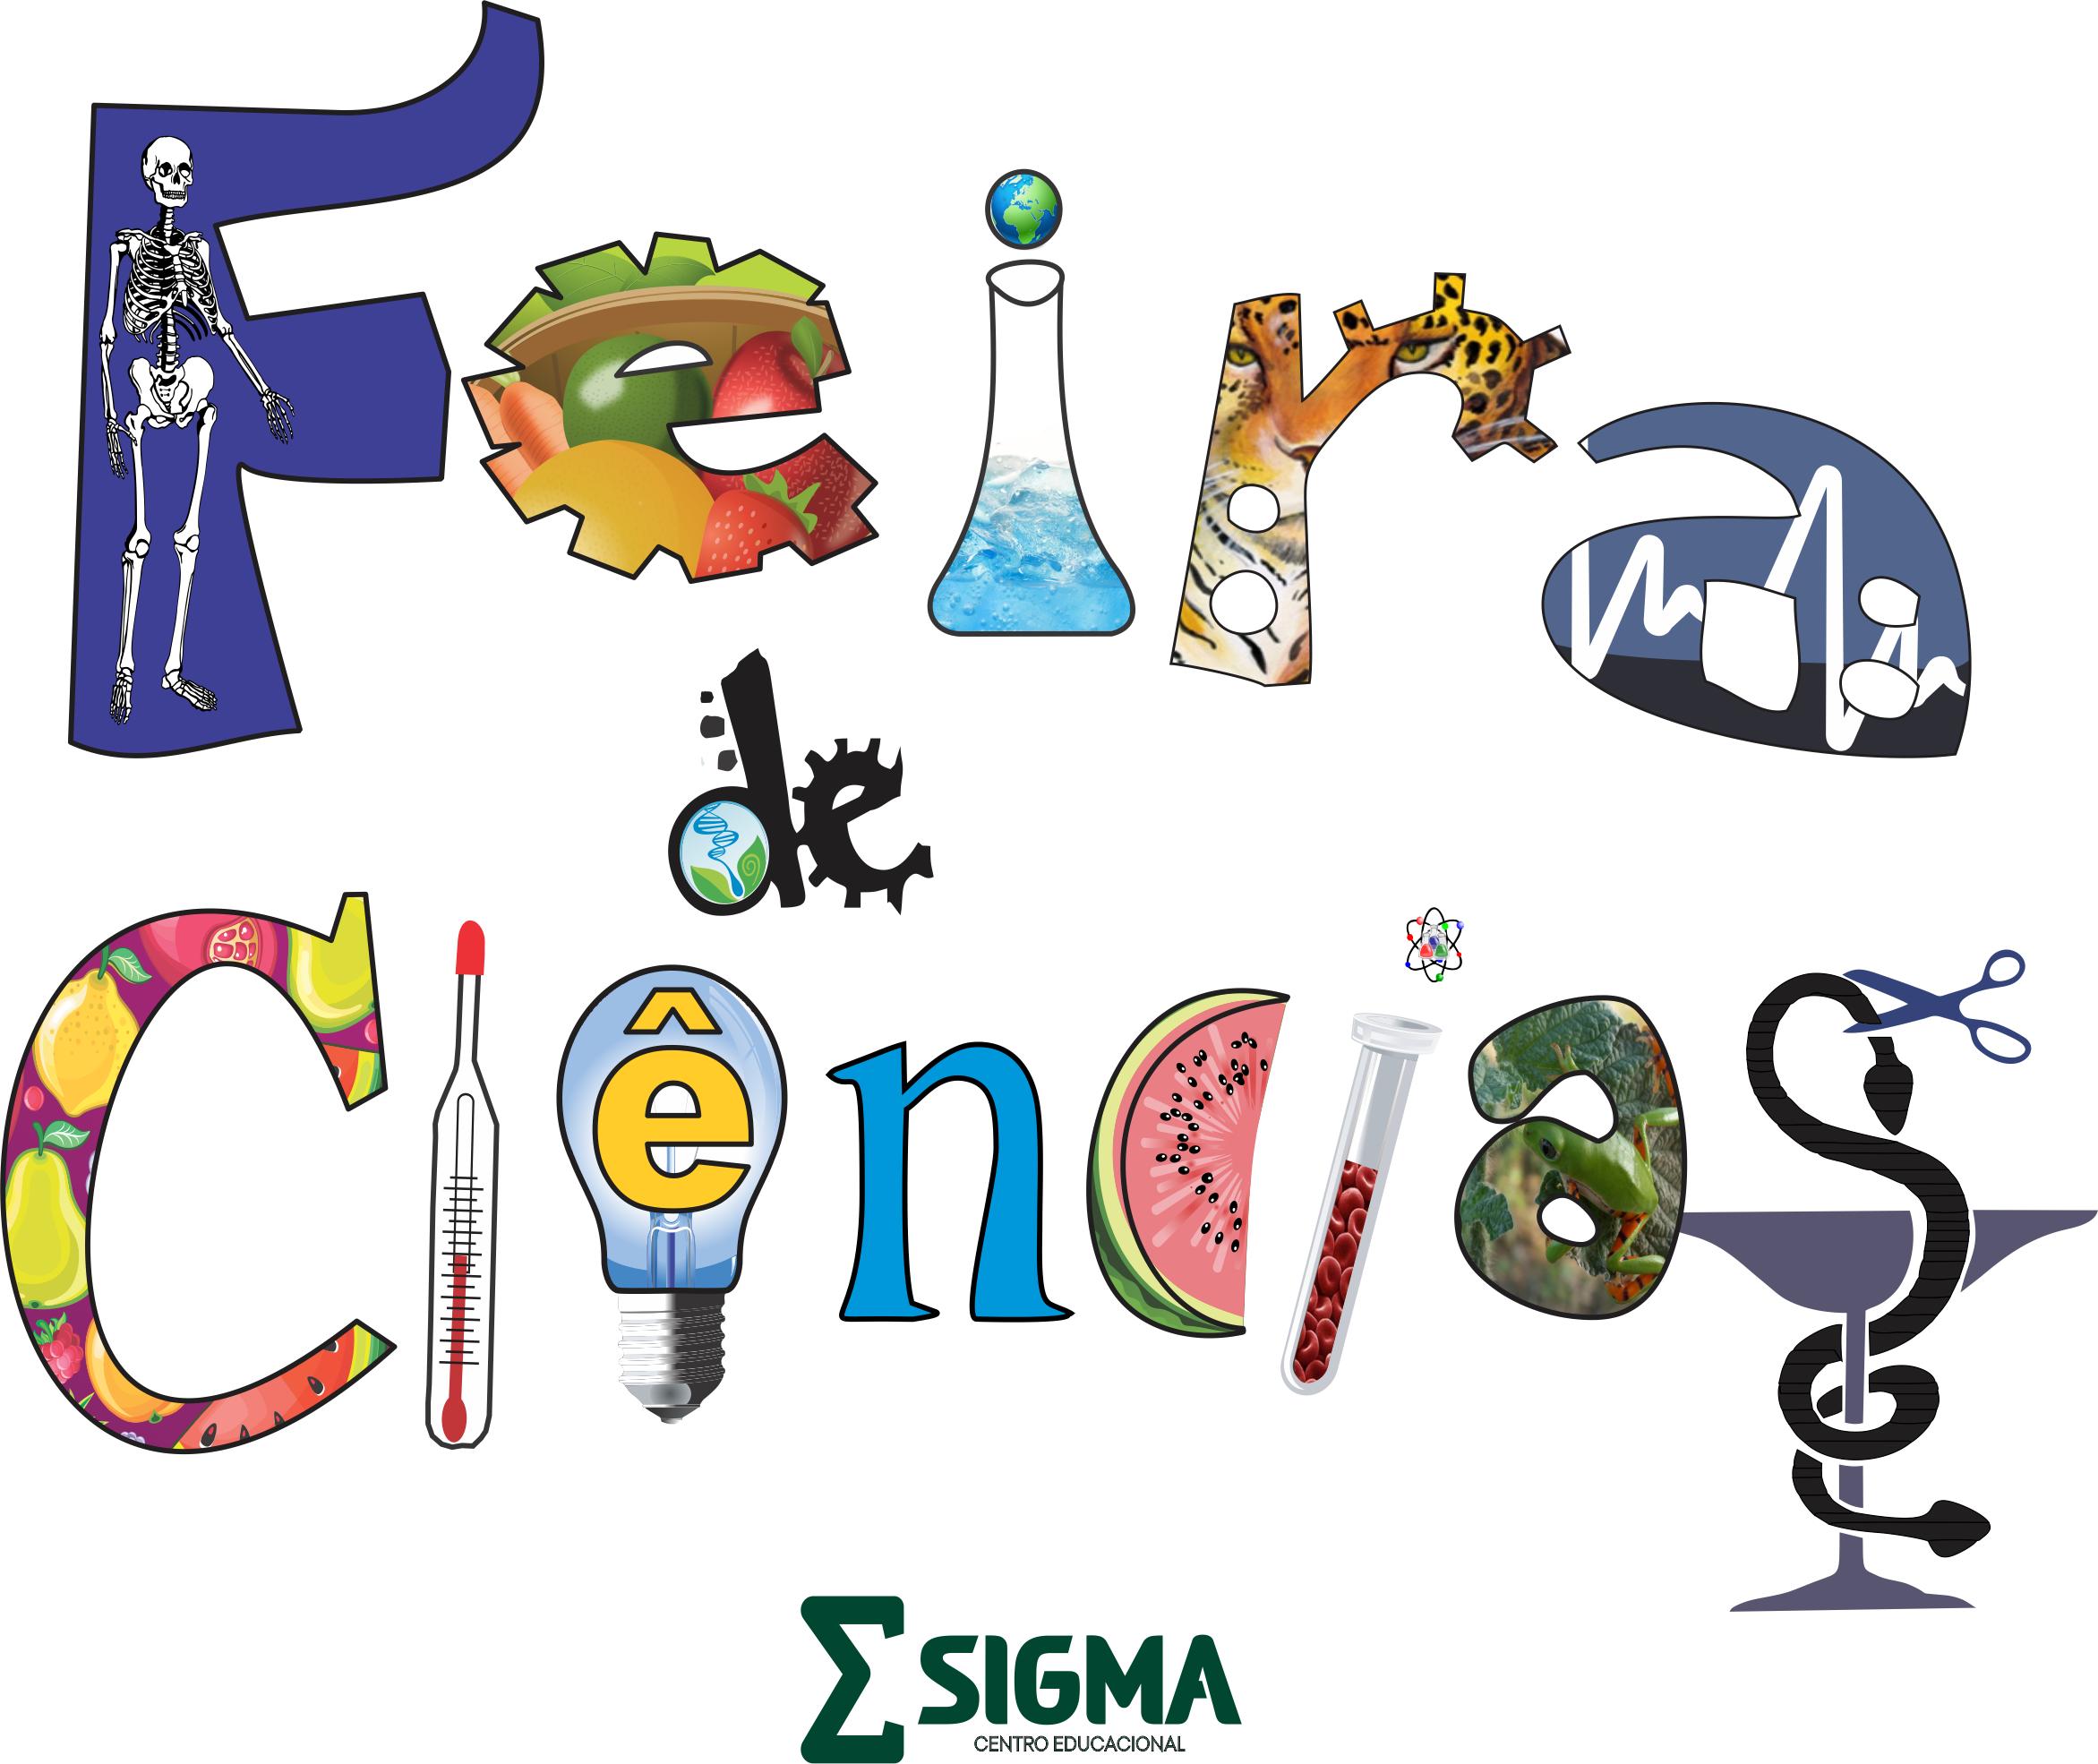 Muito logo-feira-de-ciencias - Portal Sigma LP01